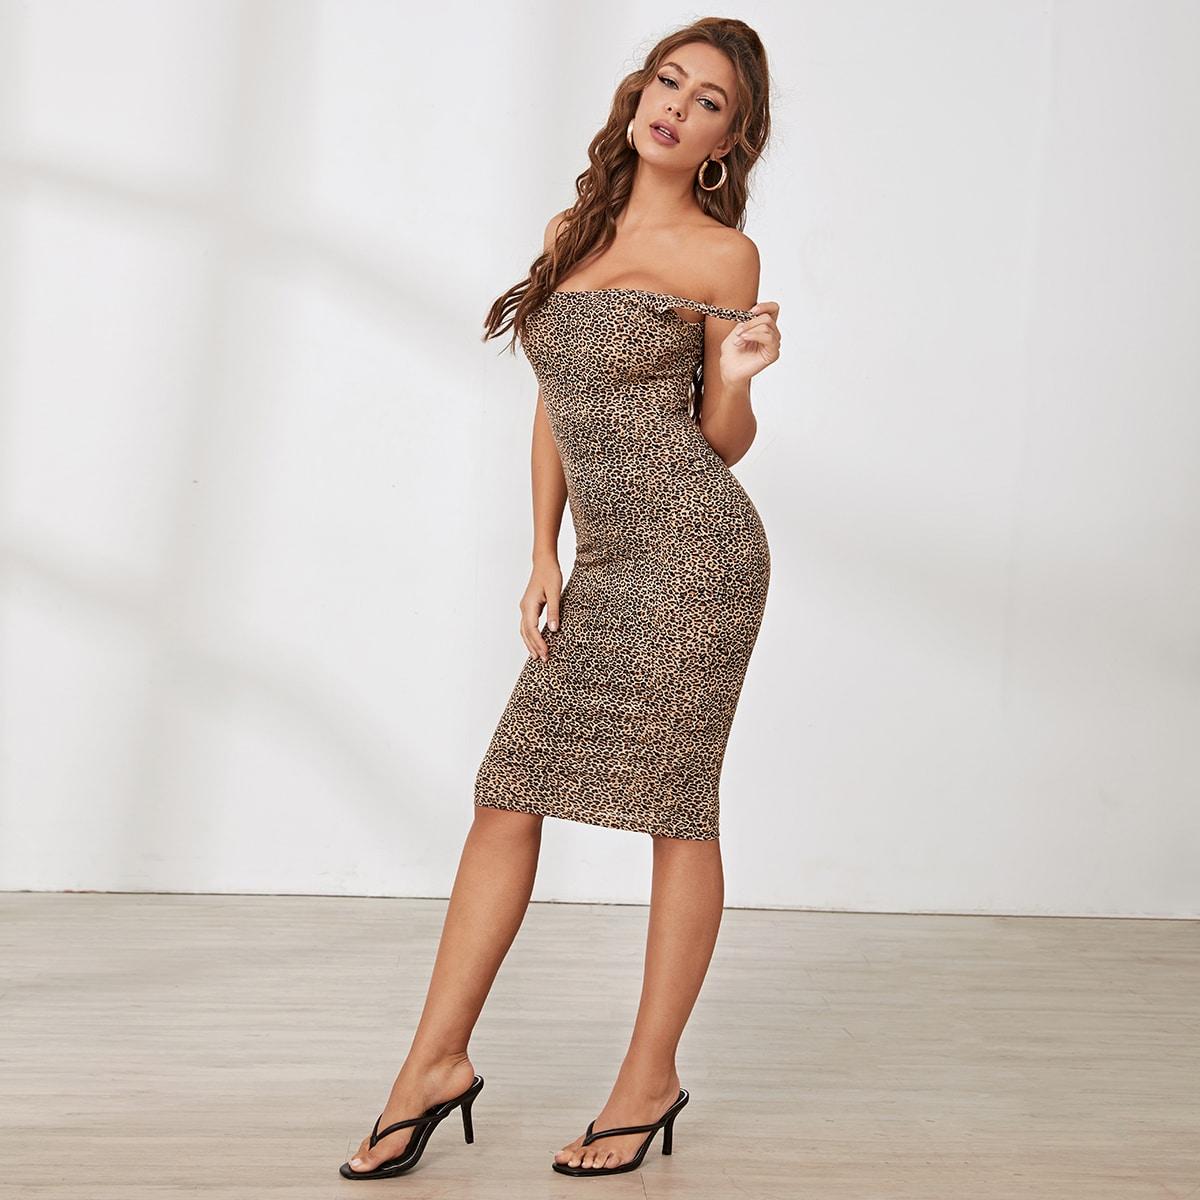 Платье-карандаш с леопардовым принтом фото